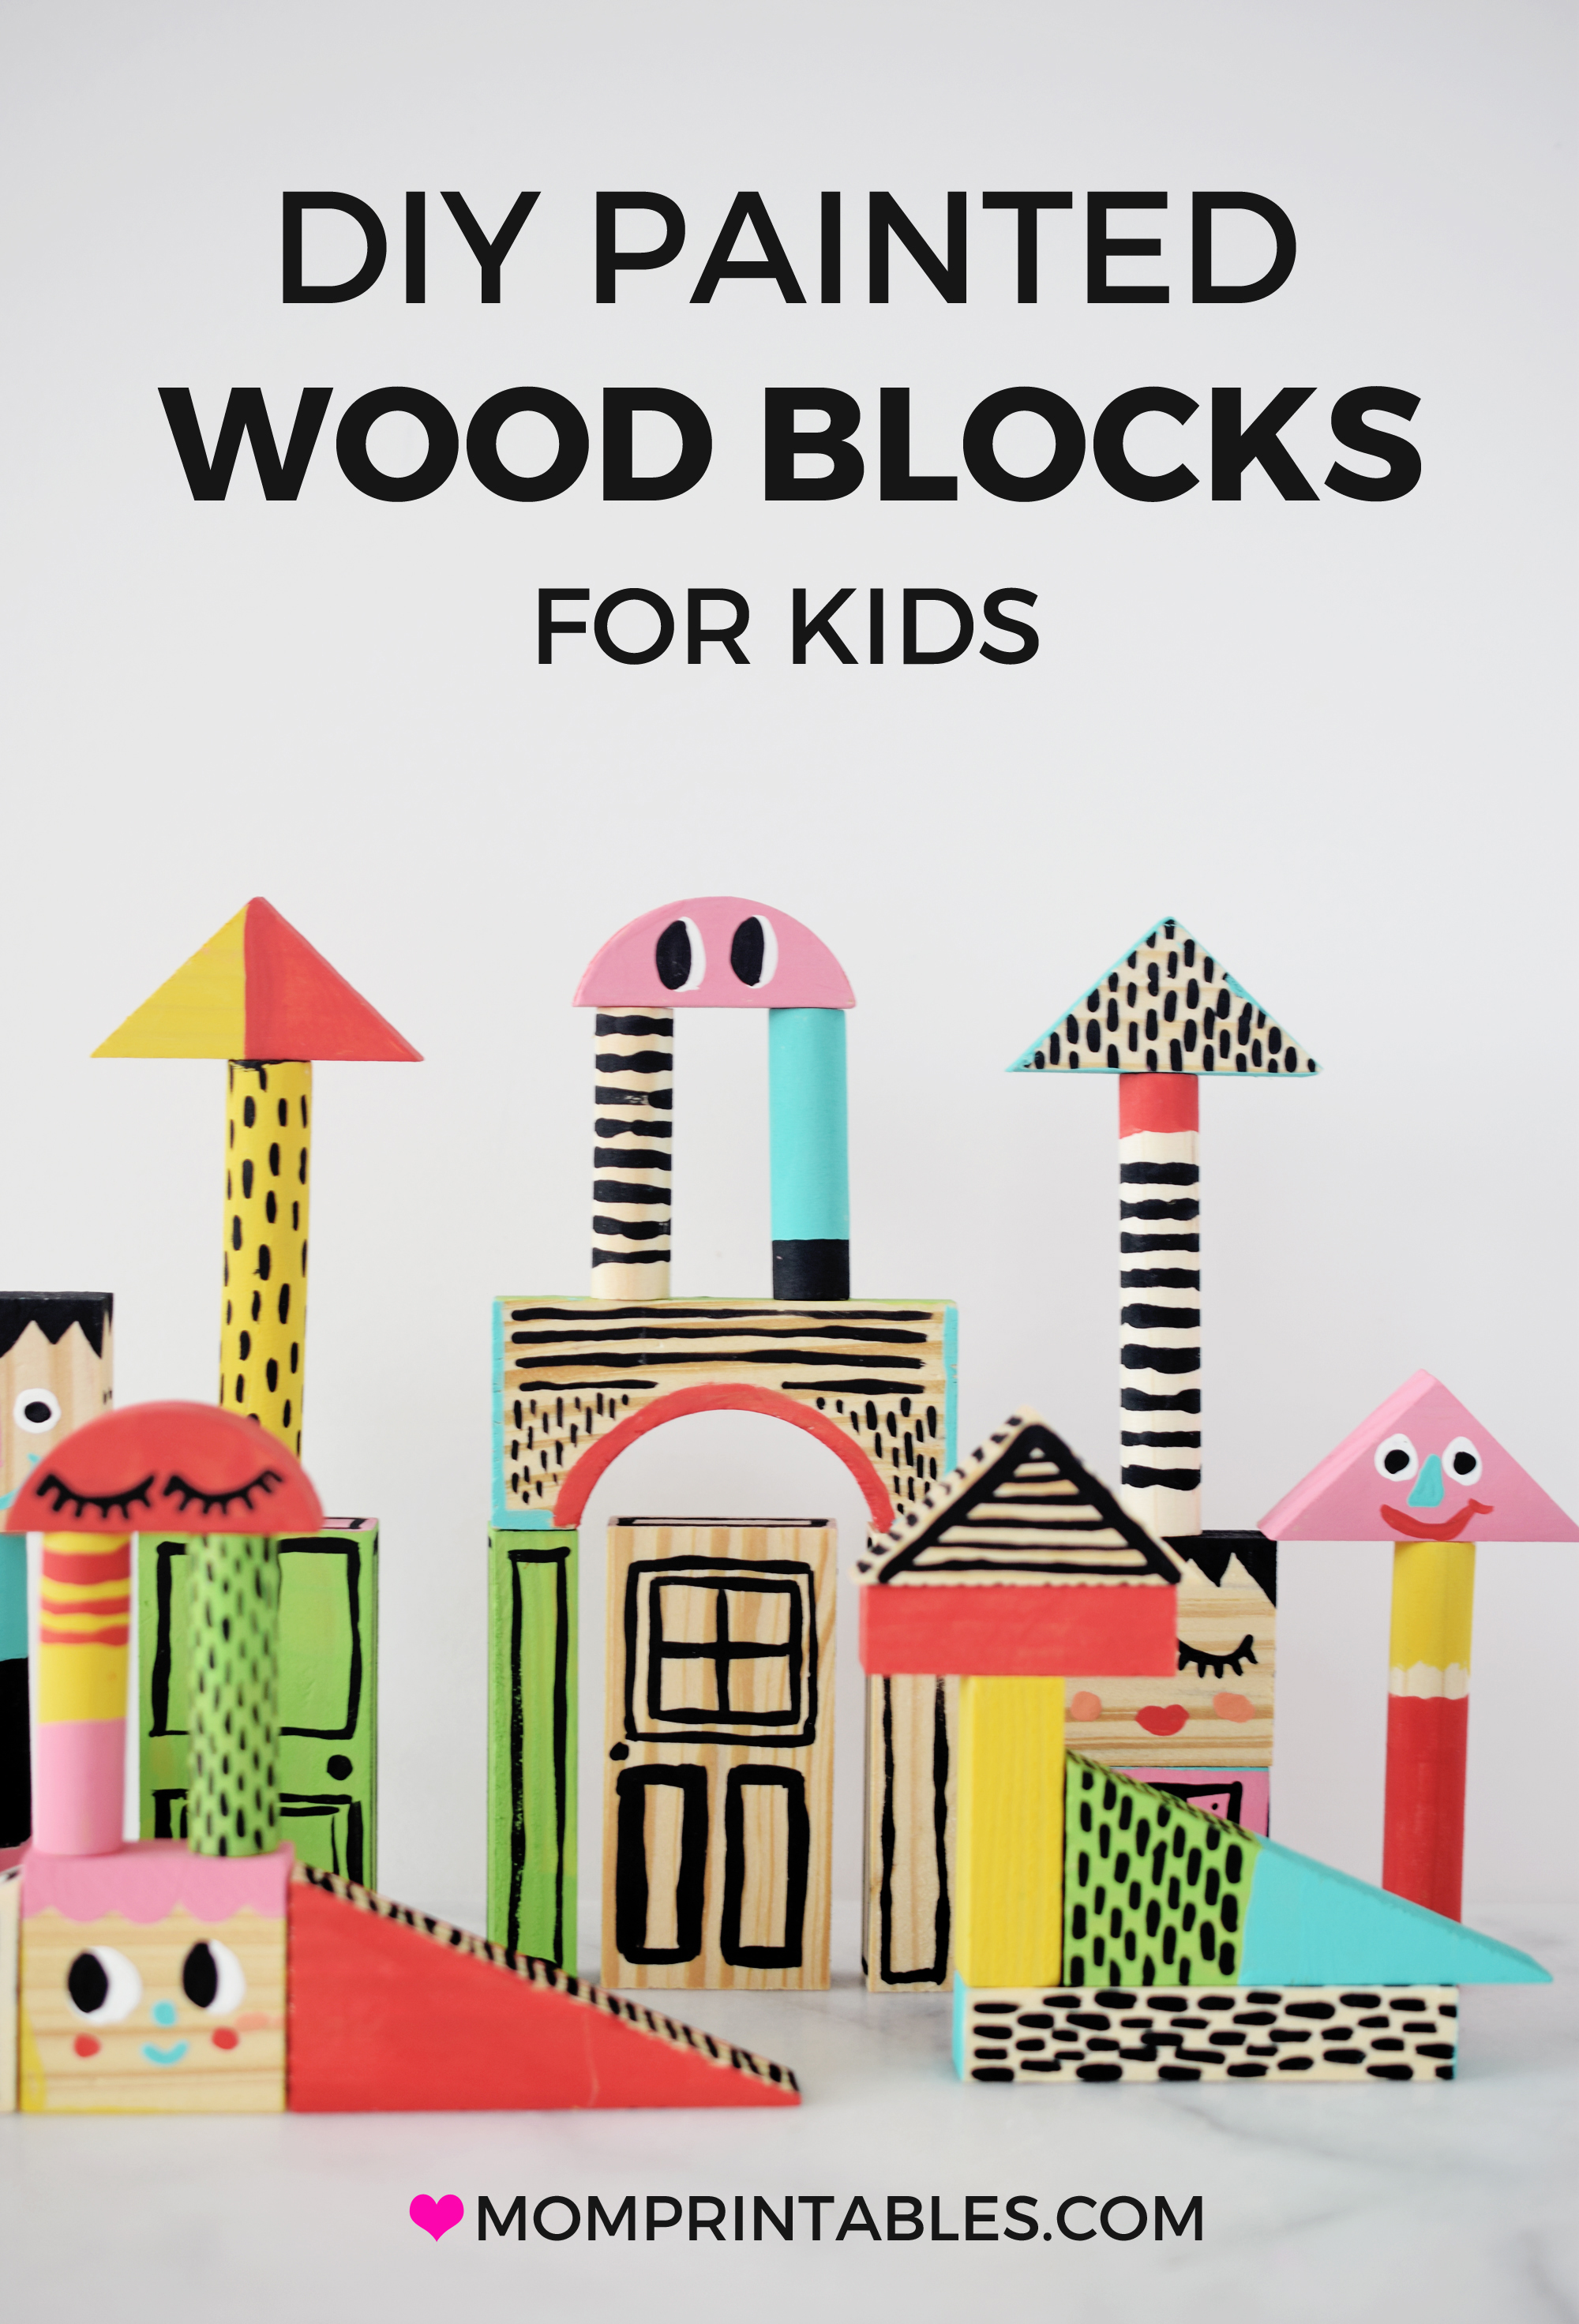 Kids Painted Toy Blocks Diy Mom Printables Simplifying